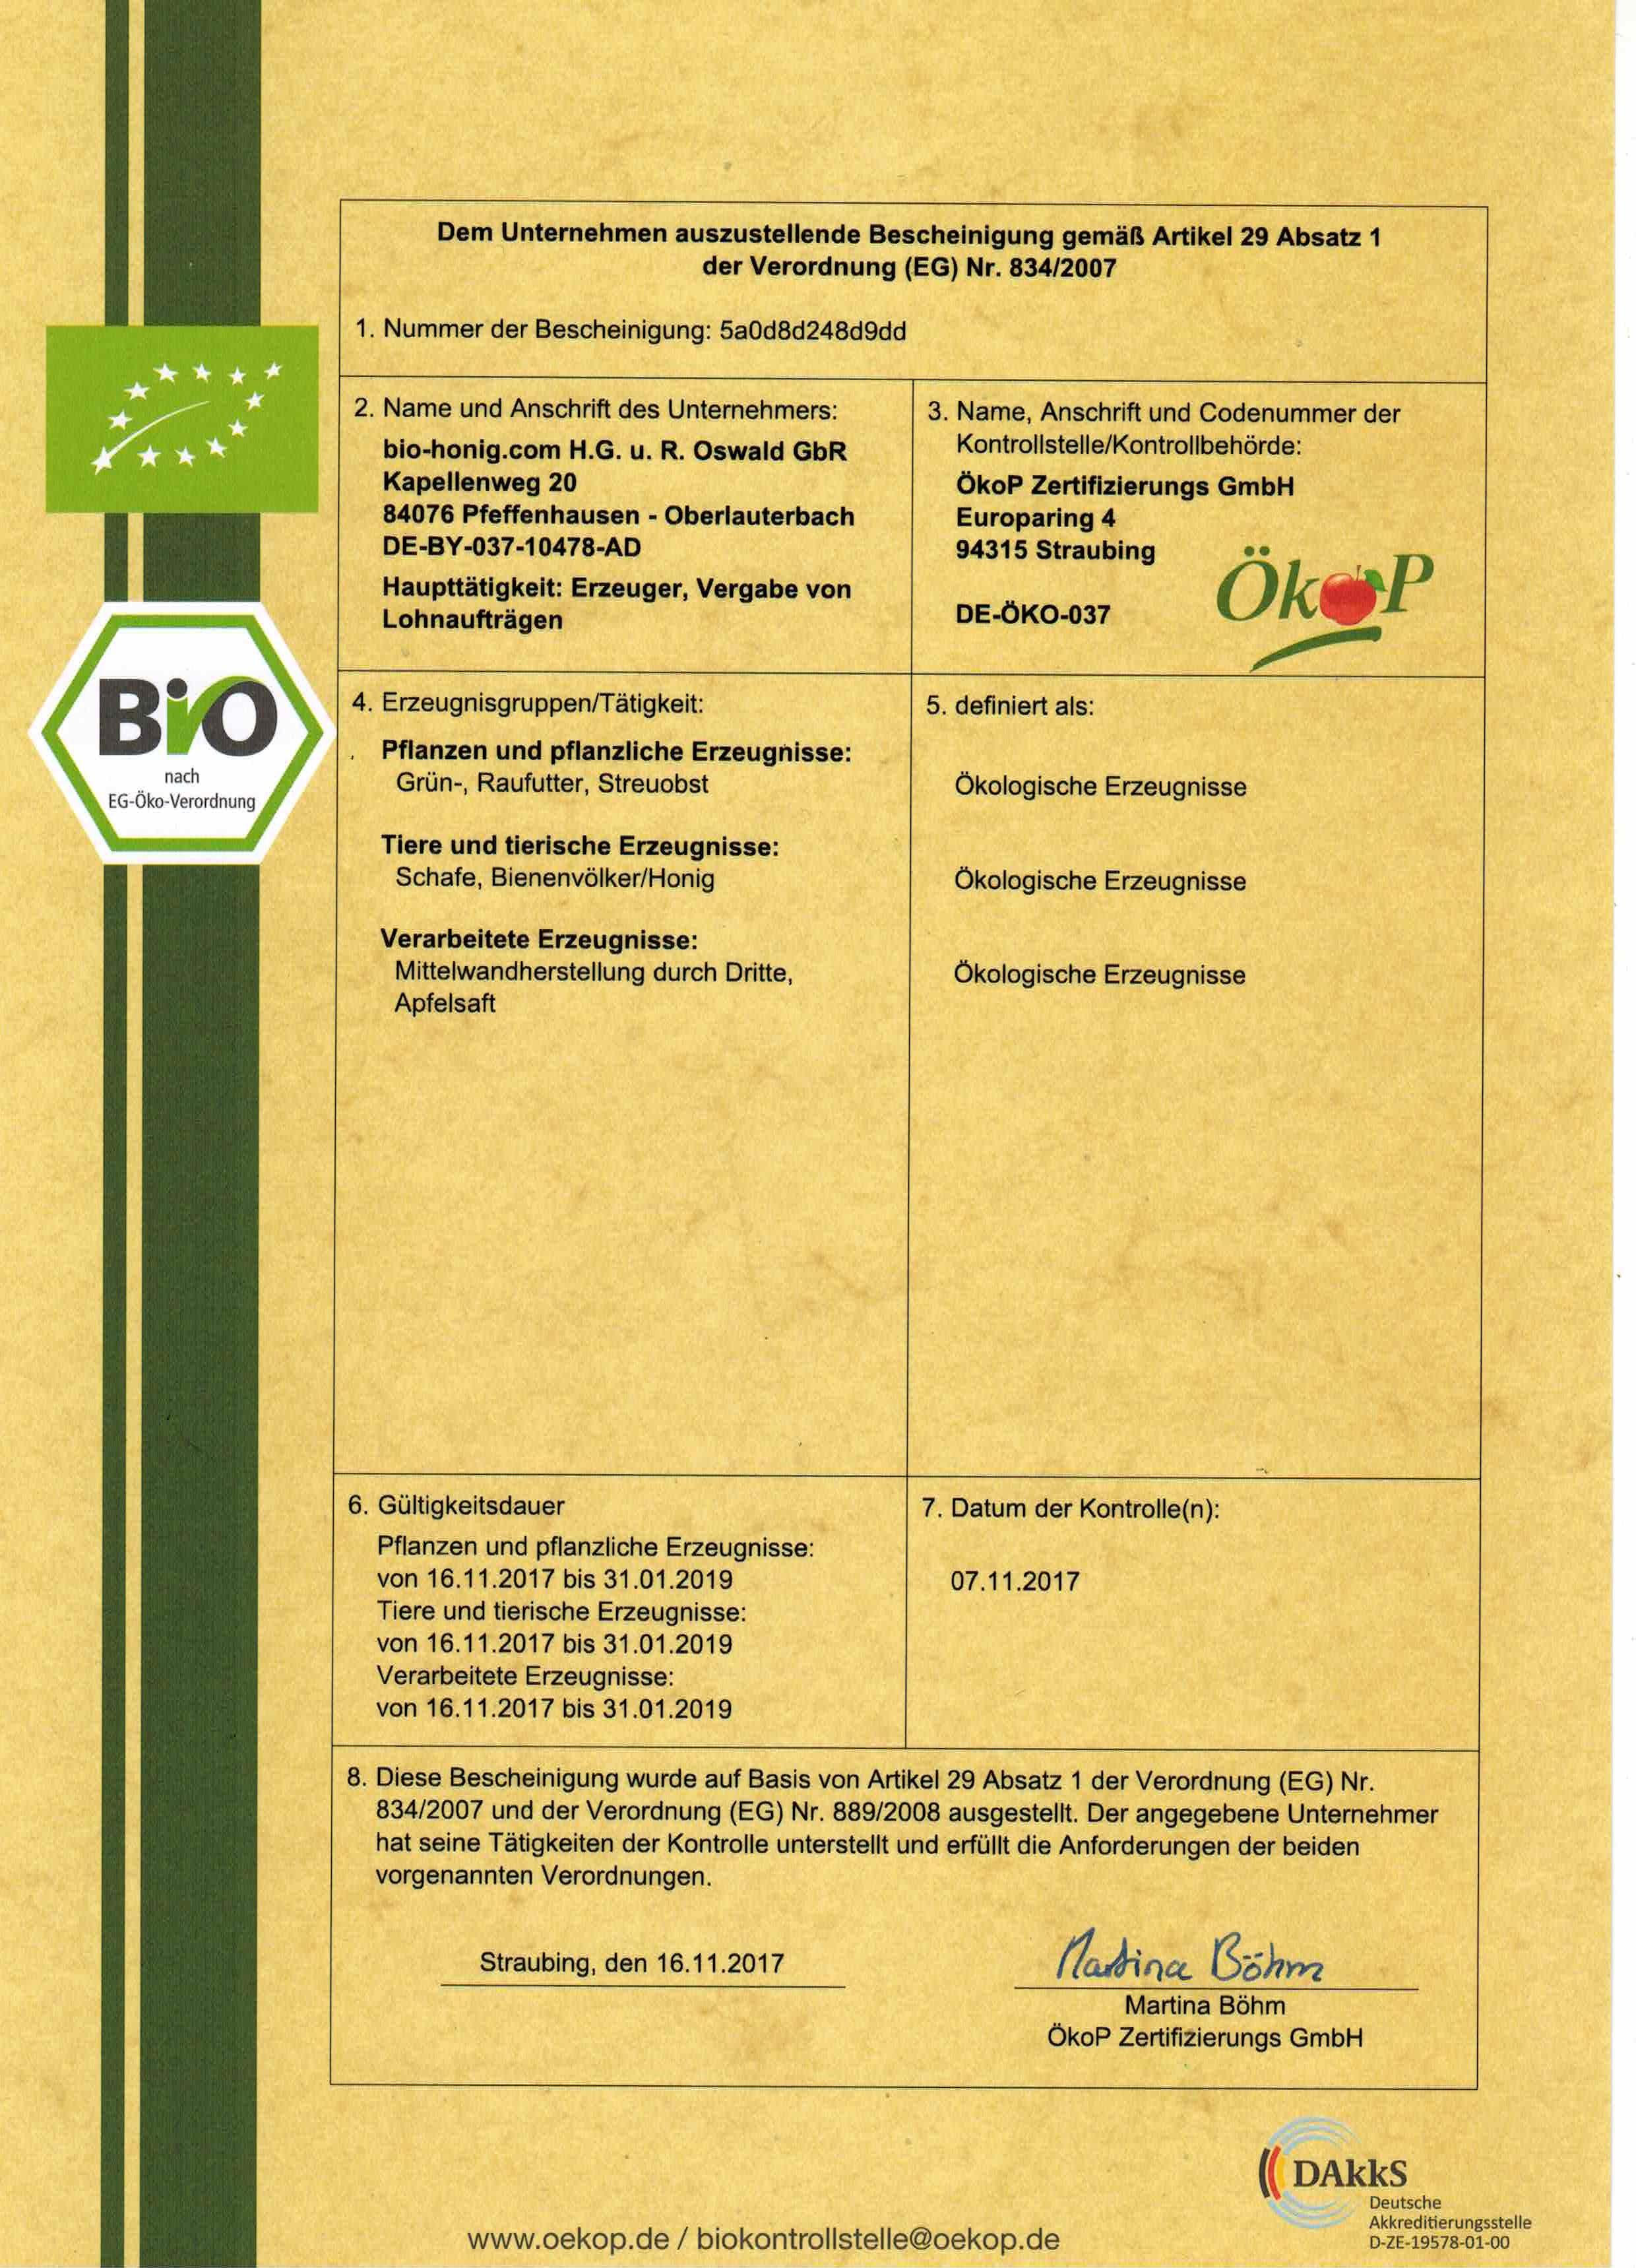 Öko-Bescheinigung gemäß Artikel 29 Absatz 1 der Verordnung (EG) Nr. 834/2007